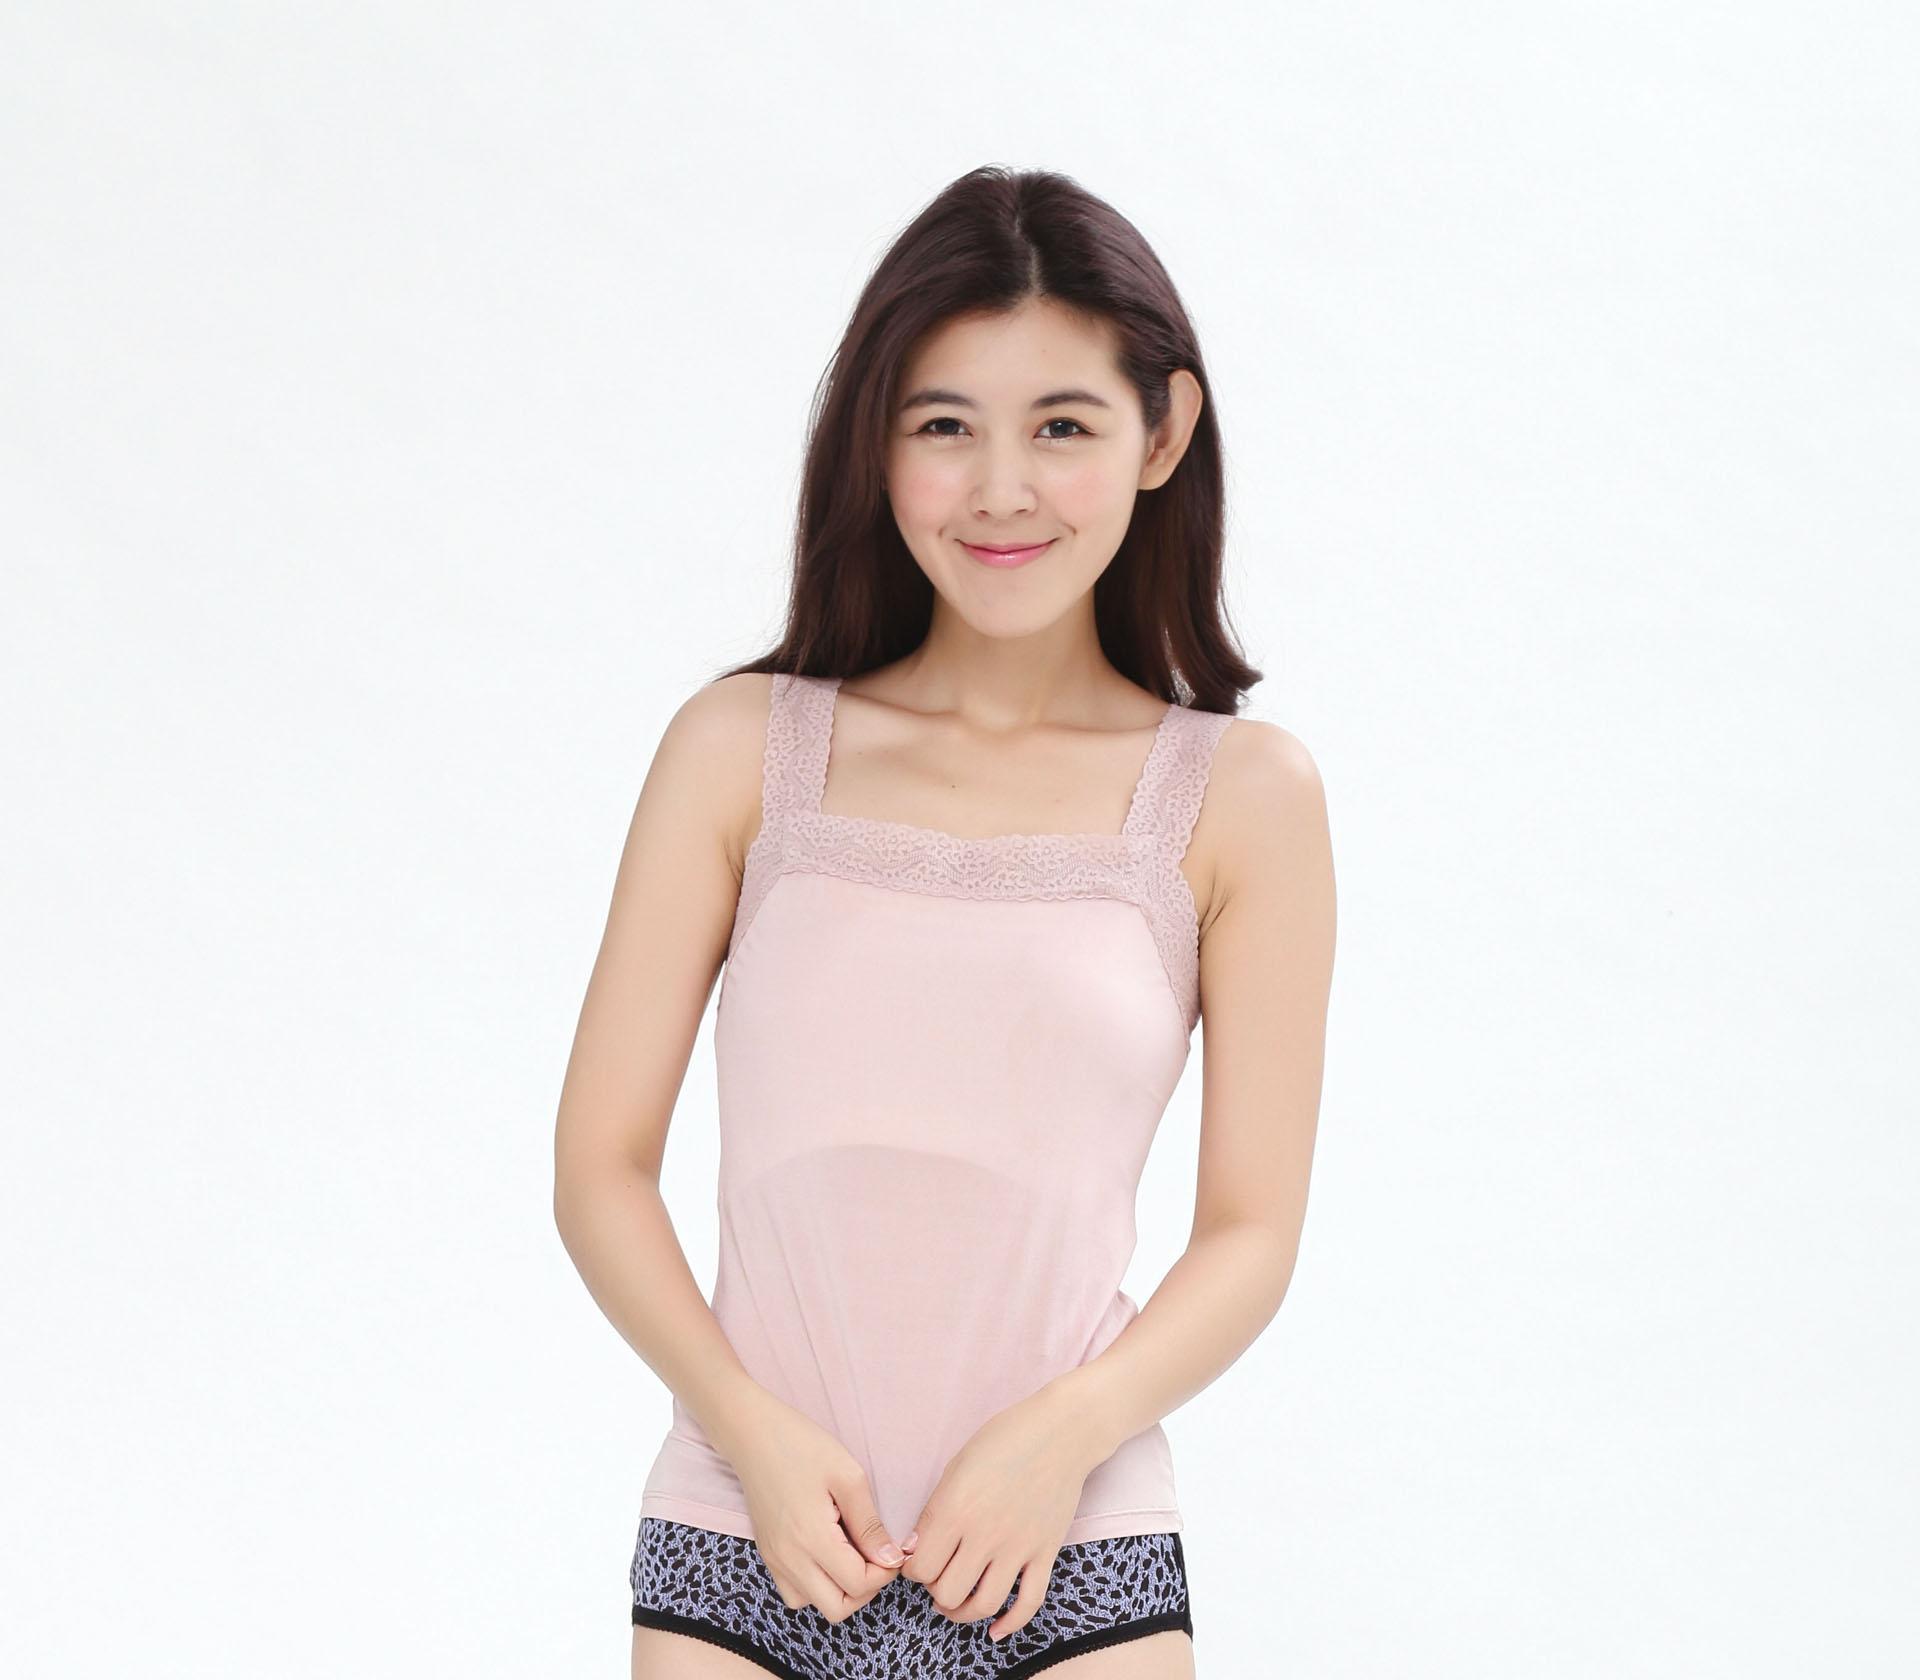 闕蘭絹親膚舒適100%蠶絲背心-9910(粉)